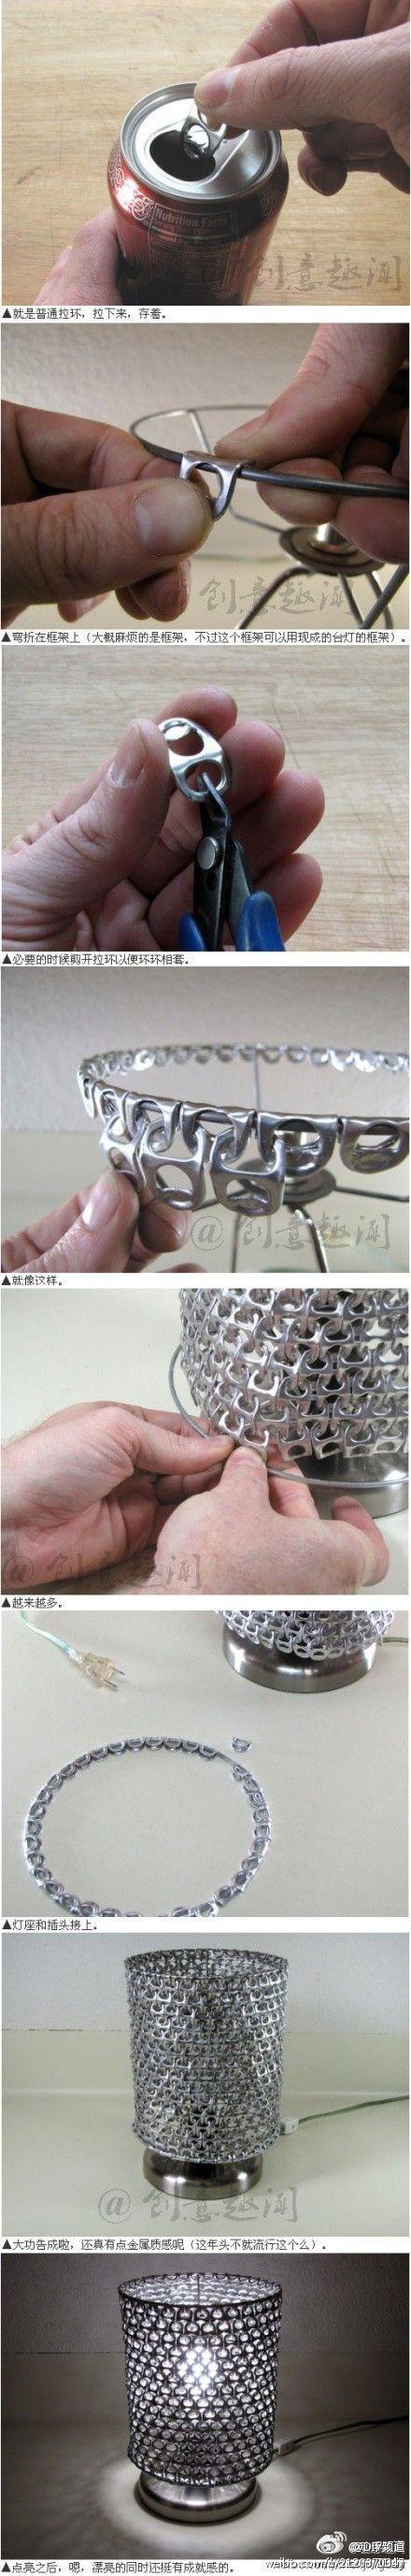 How to Make Lamp With Aluminum Cans - Lámpara de anillas de lata